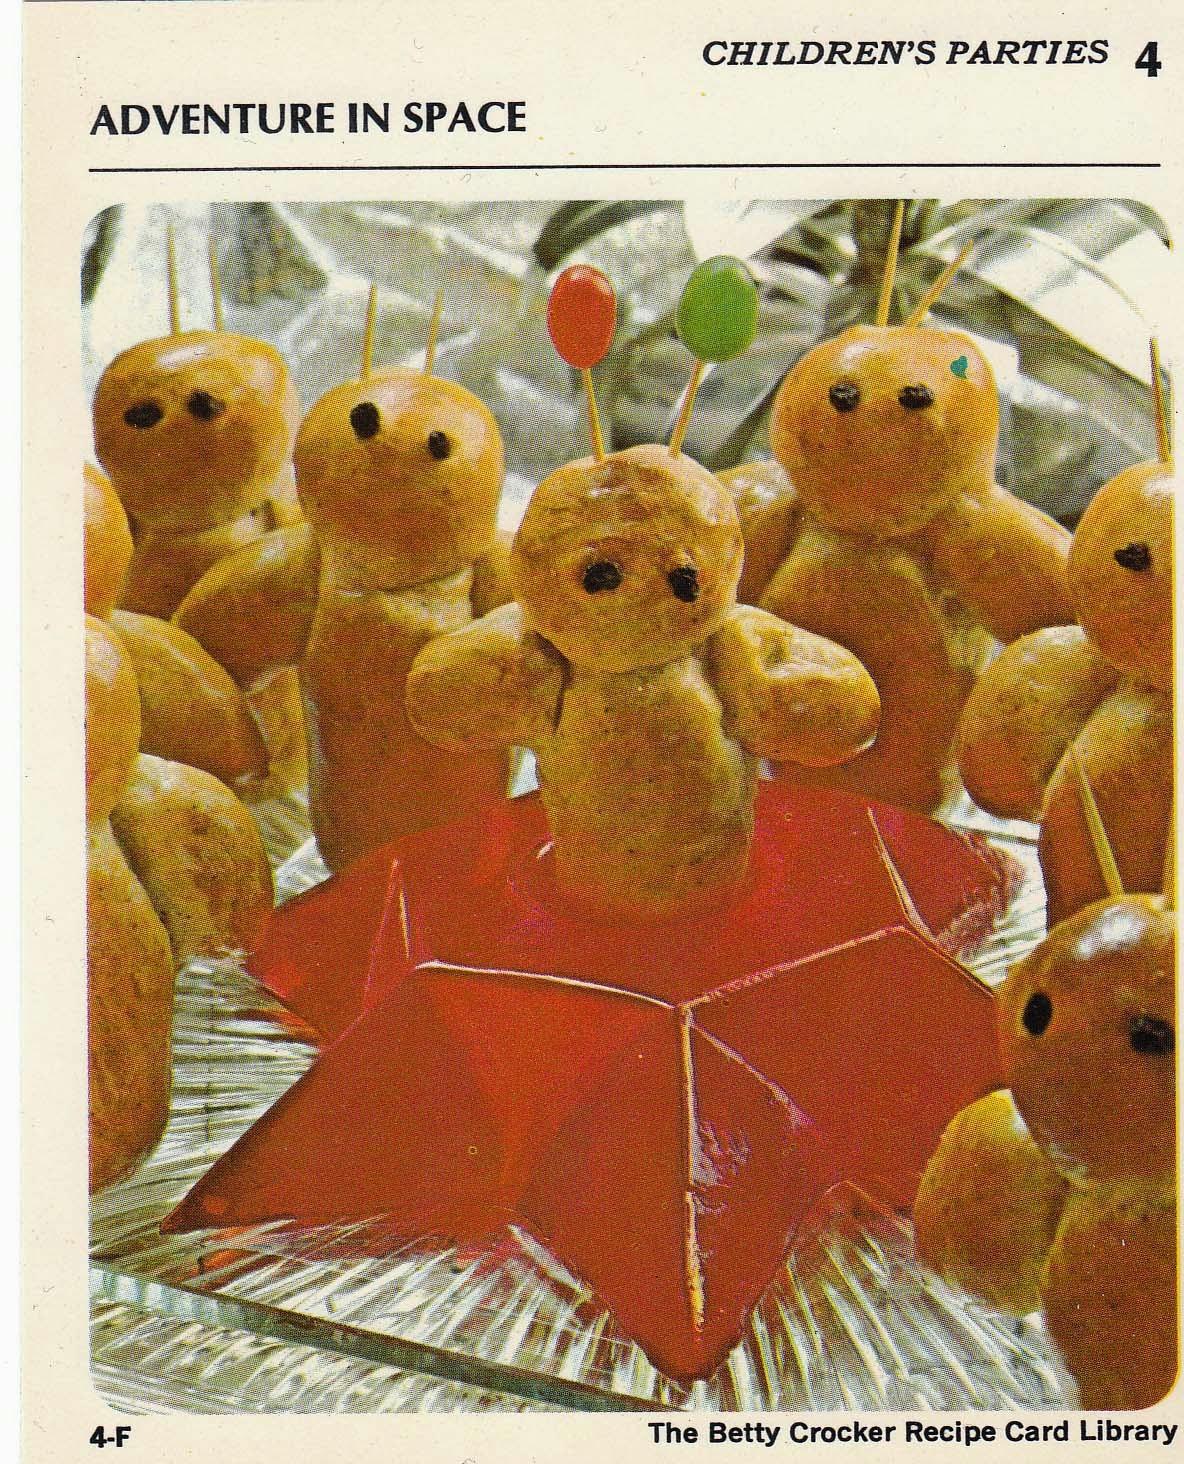 Betty Crocker 1971 recipe cards: Kids party ideas, alien-shaped pastry